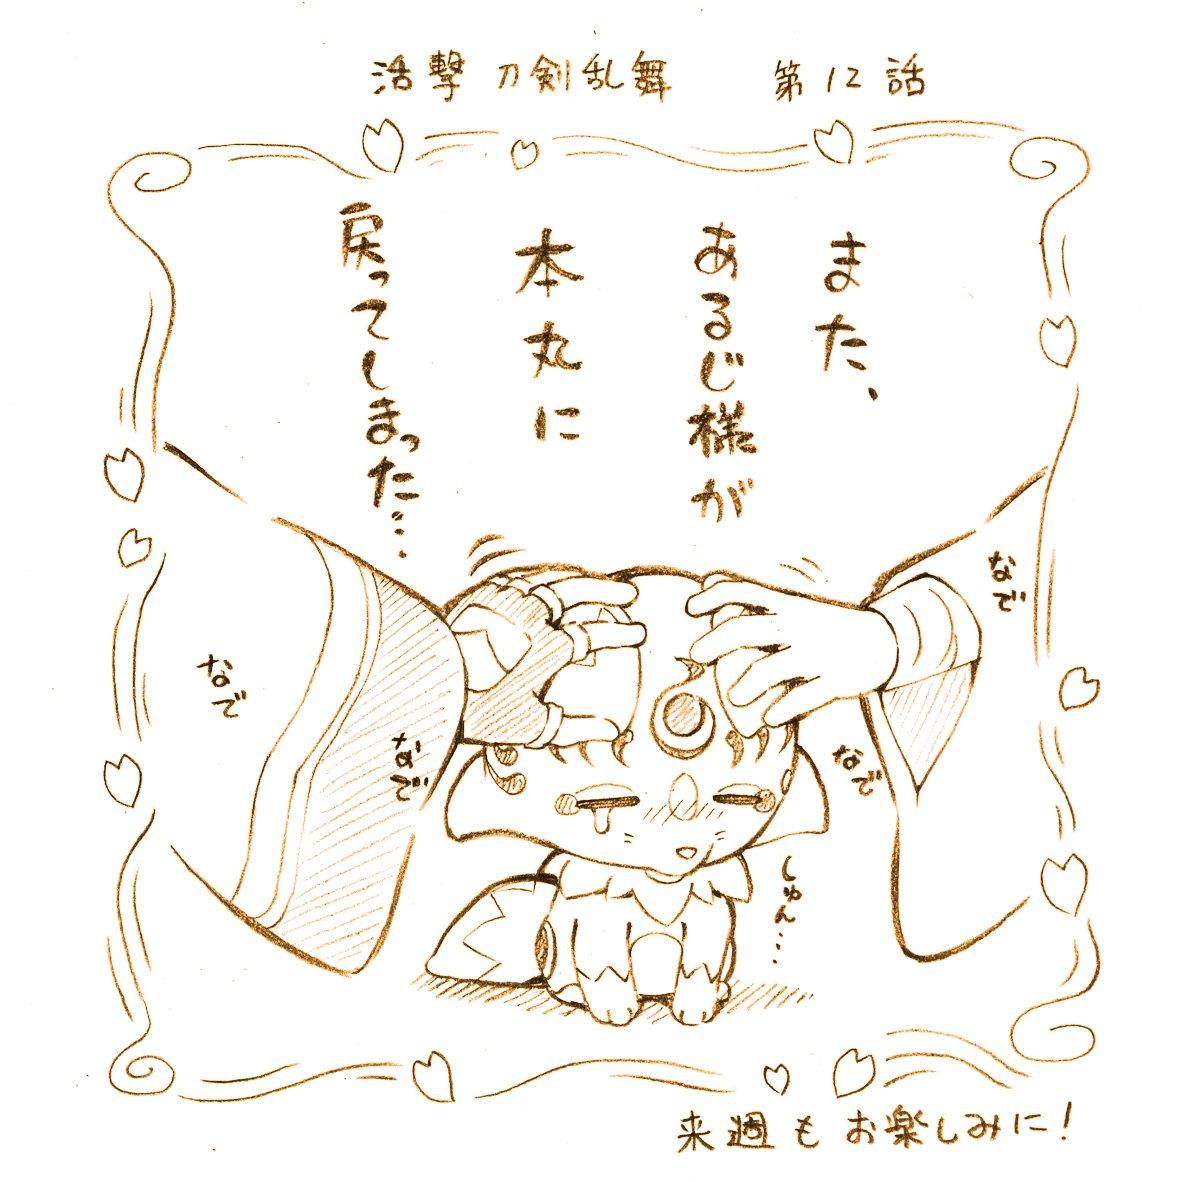 ◆『活撃 刀剣乱舞』◆ こんのすけのキャラクター・デザイン・弊社瀬来より、今週もおまけ画像が届いてお…